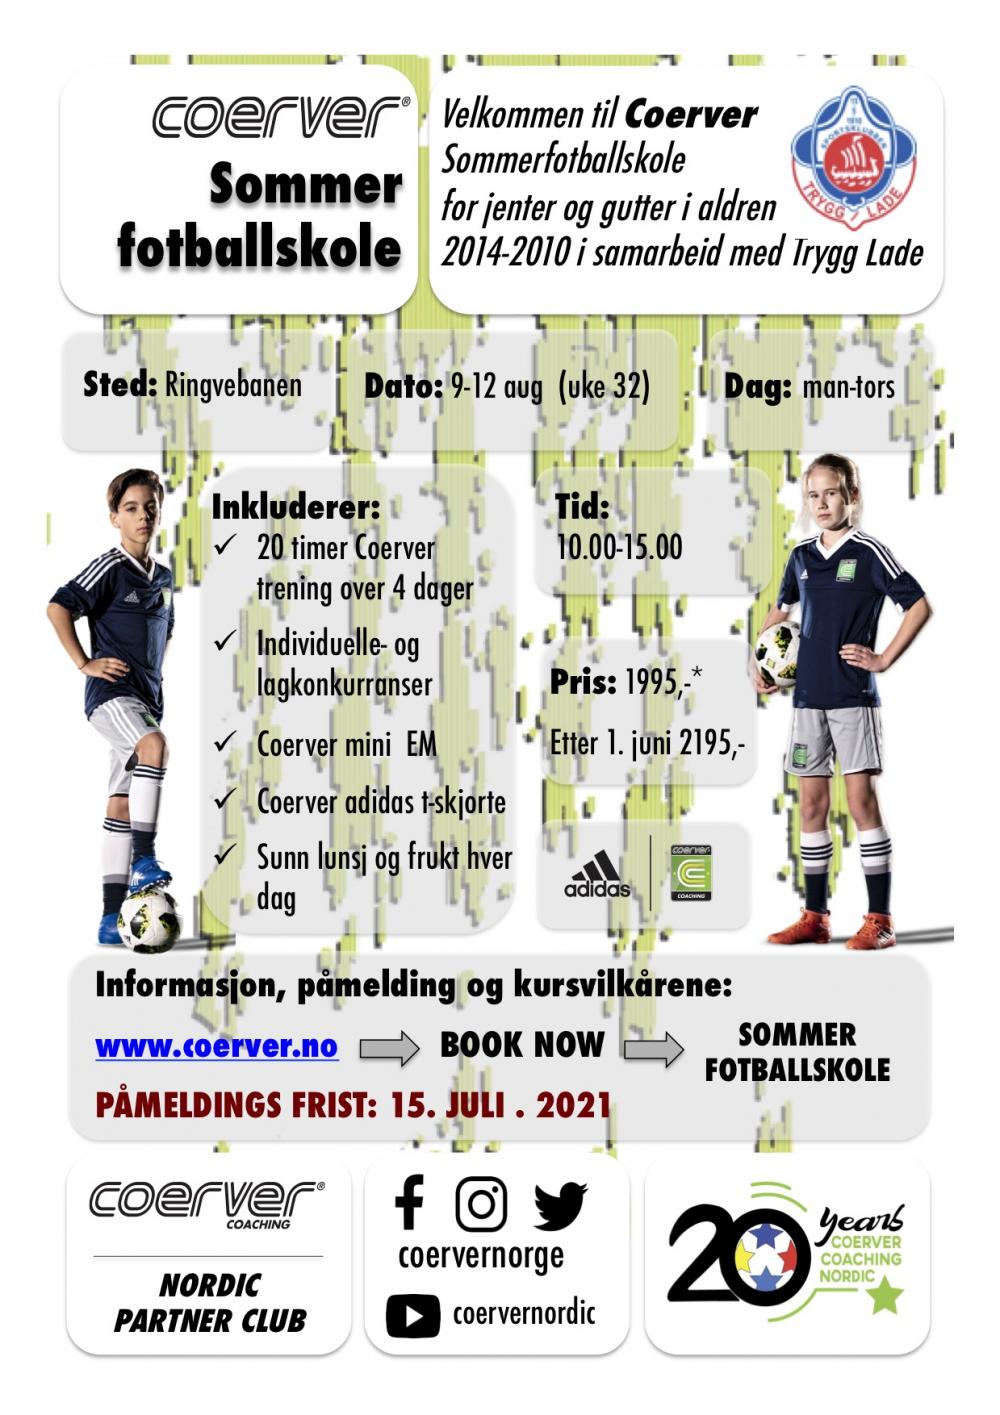 Coerver Sommerfotballskole hos Trygg Lade 2021 (UKE 32) 2010-2014